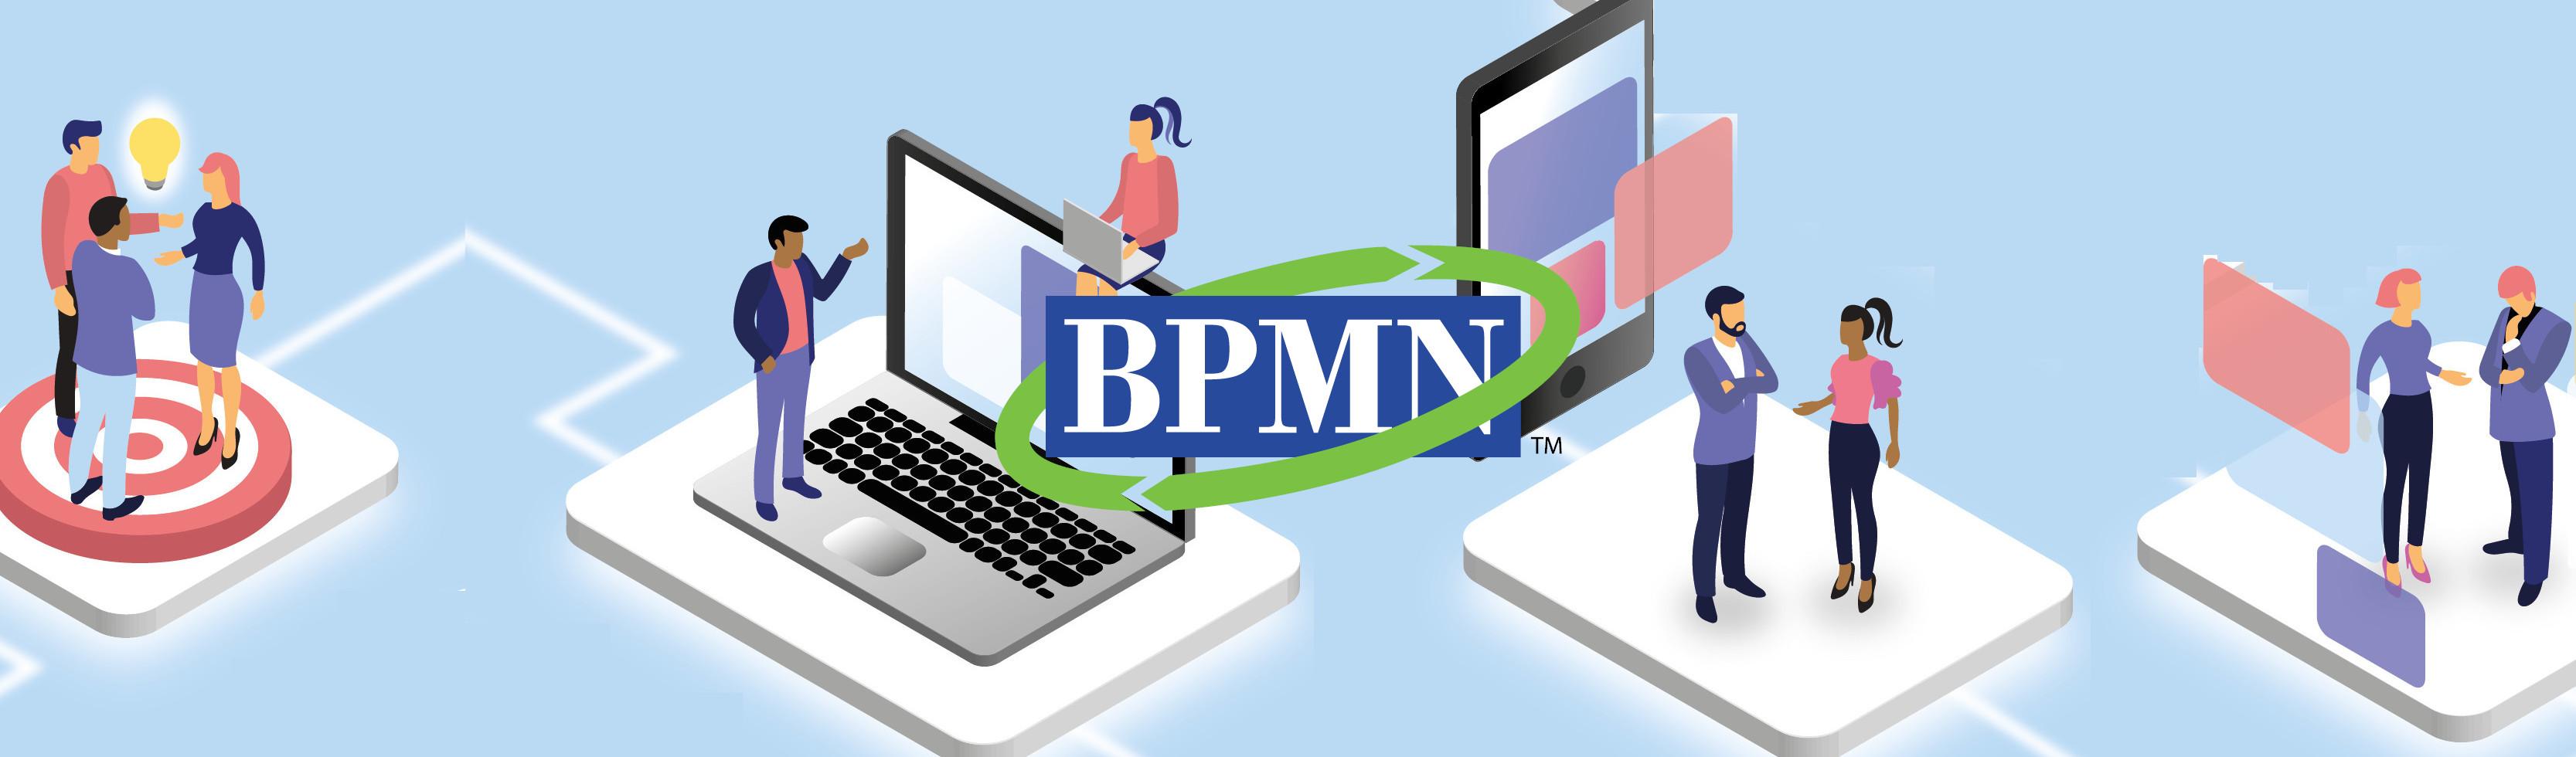 BPMN 2.0 - Descriptive Modeling